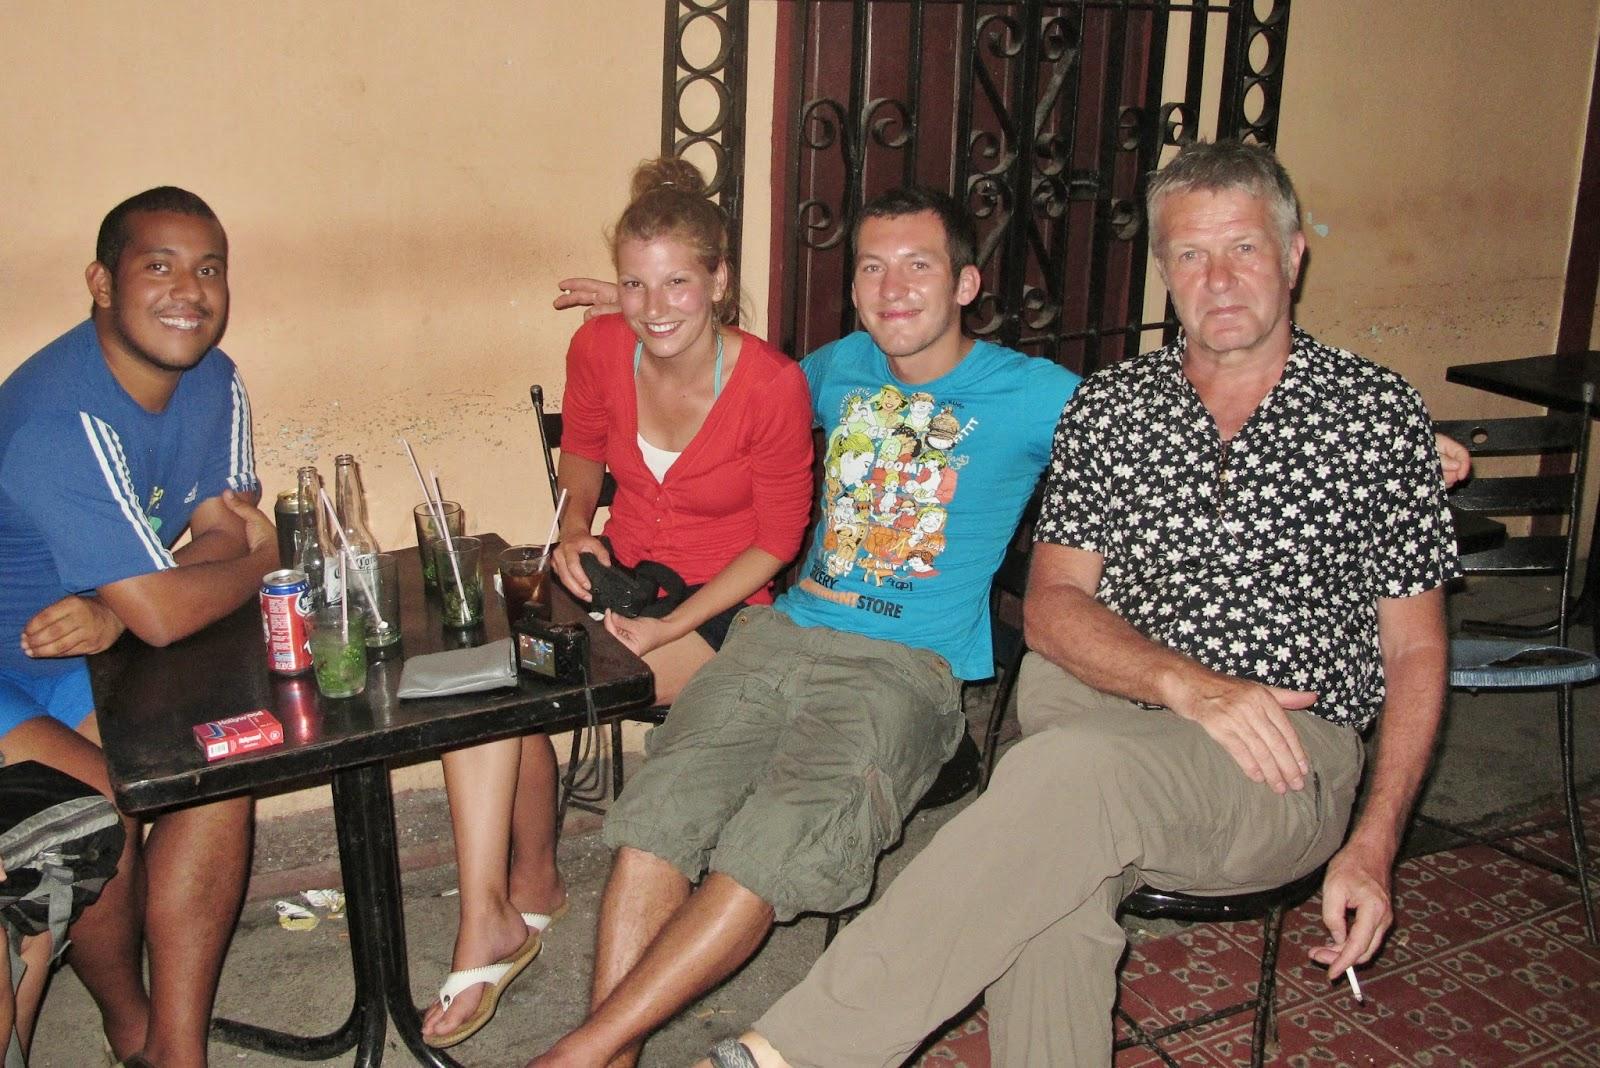 El Patio, bar de Baracoa, uma das regiões mais remotas de Cuba.